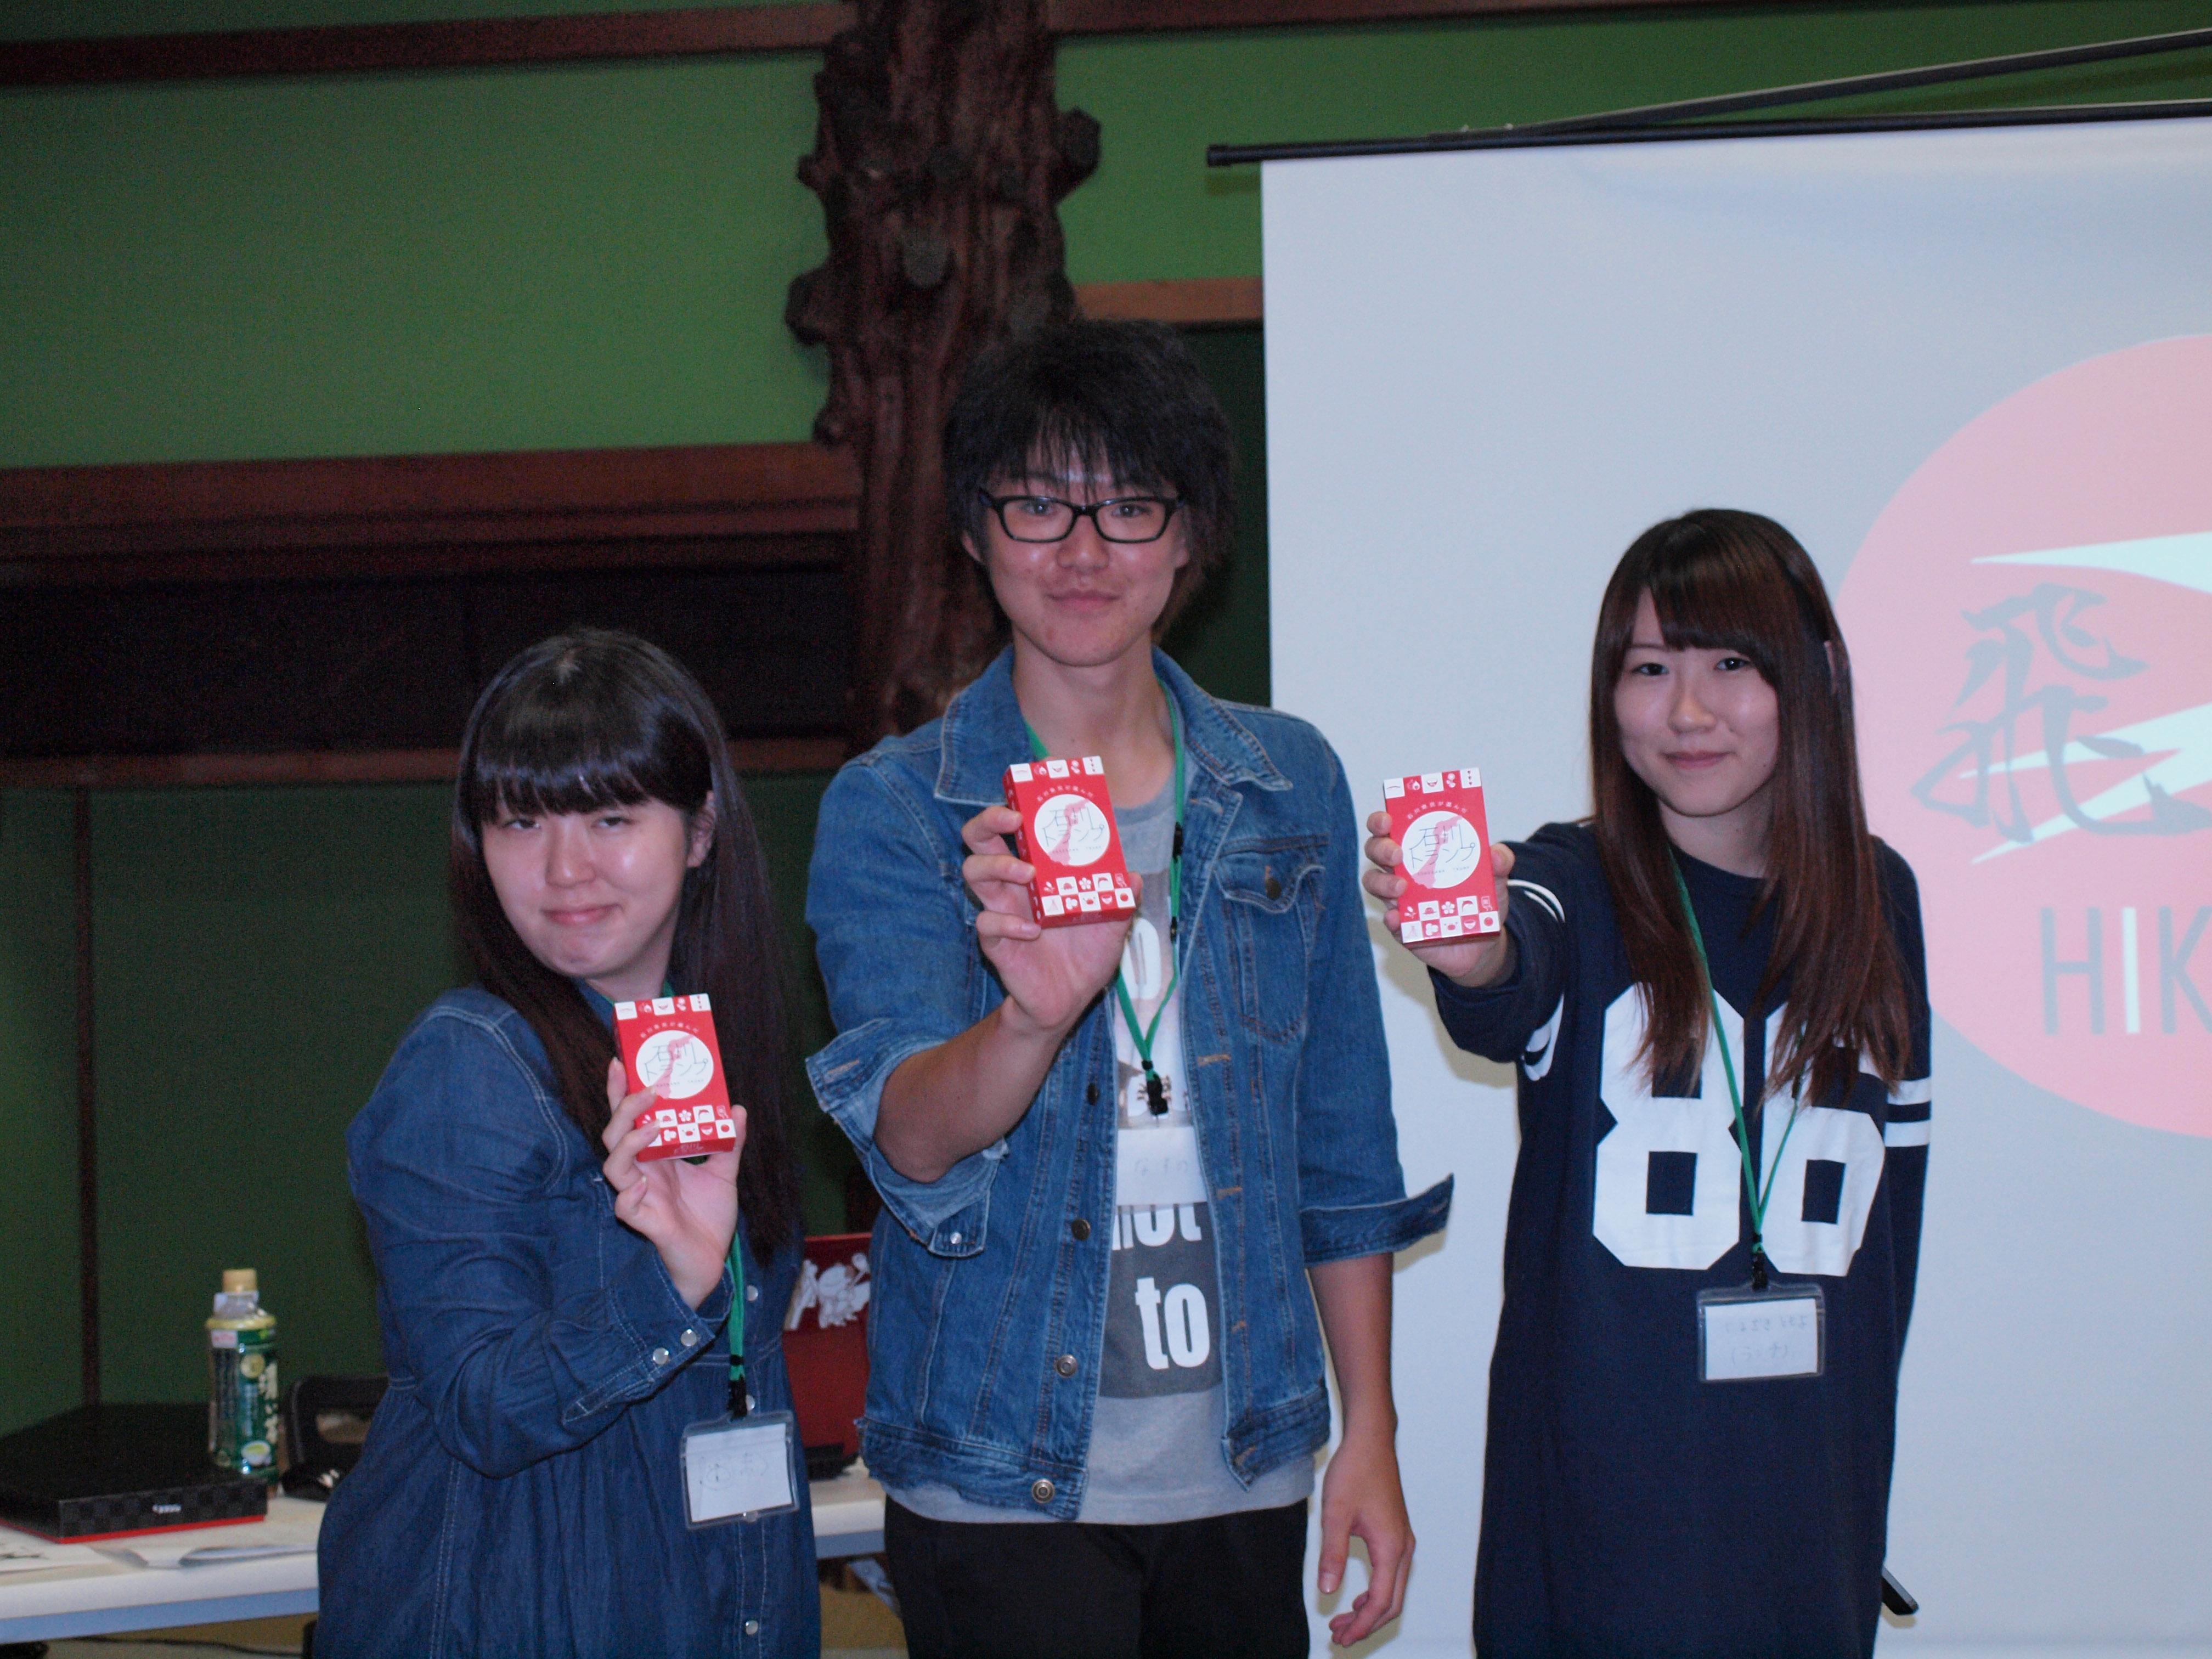 優勝者には、石川トランプのサプライズプレゼント!!!